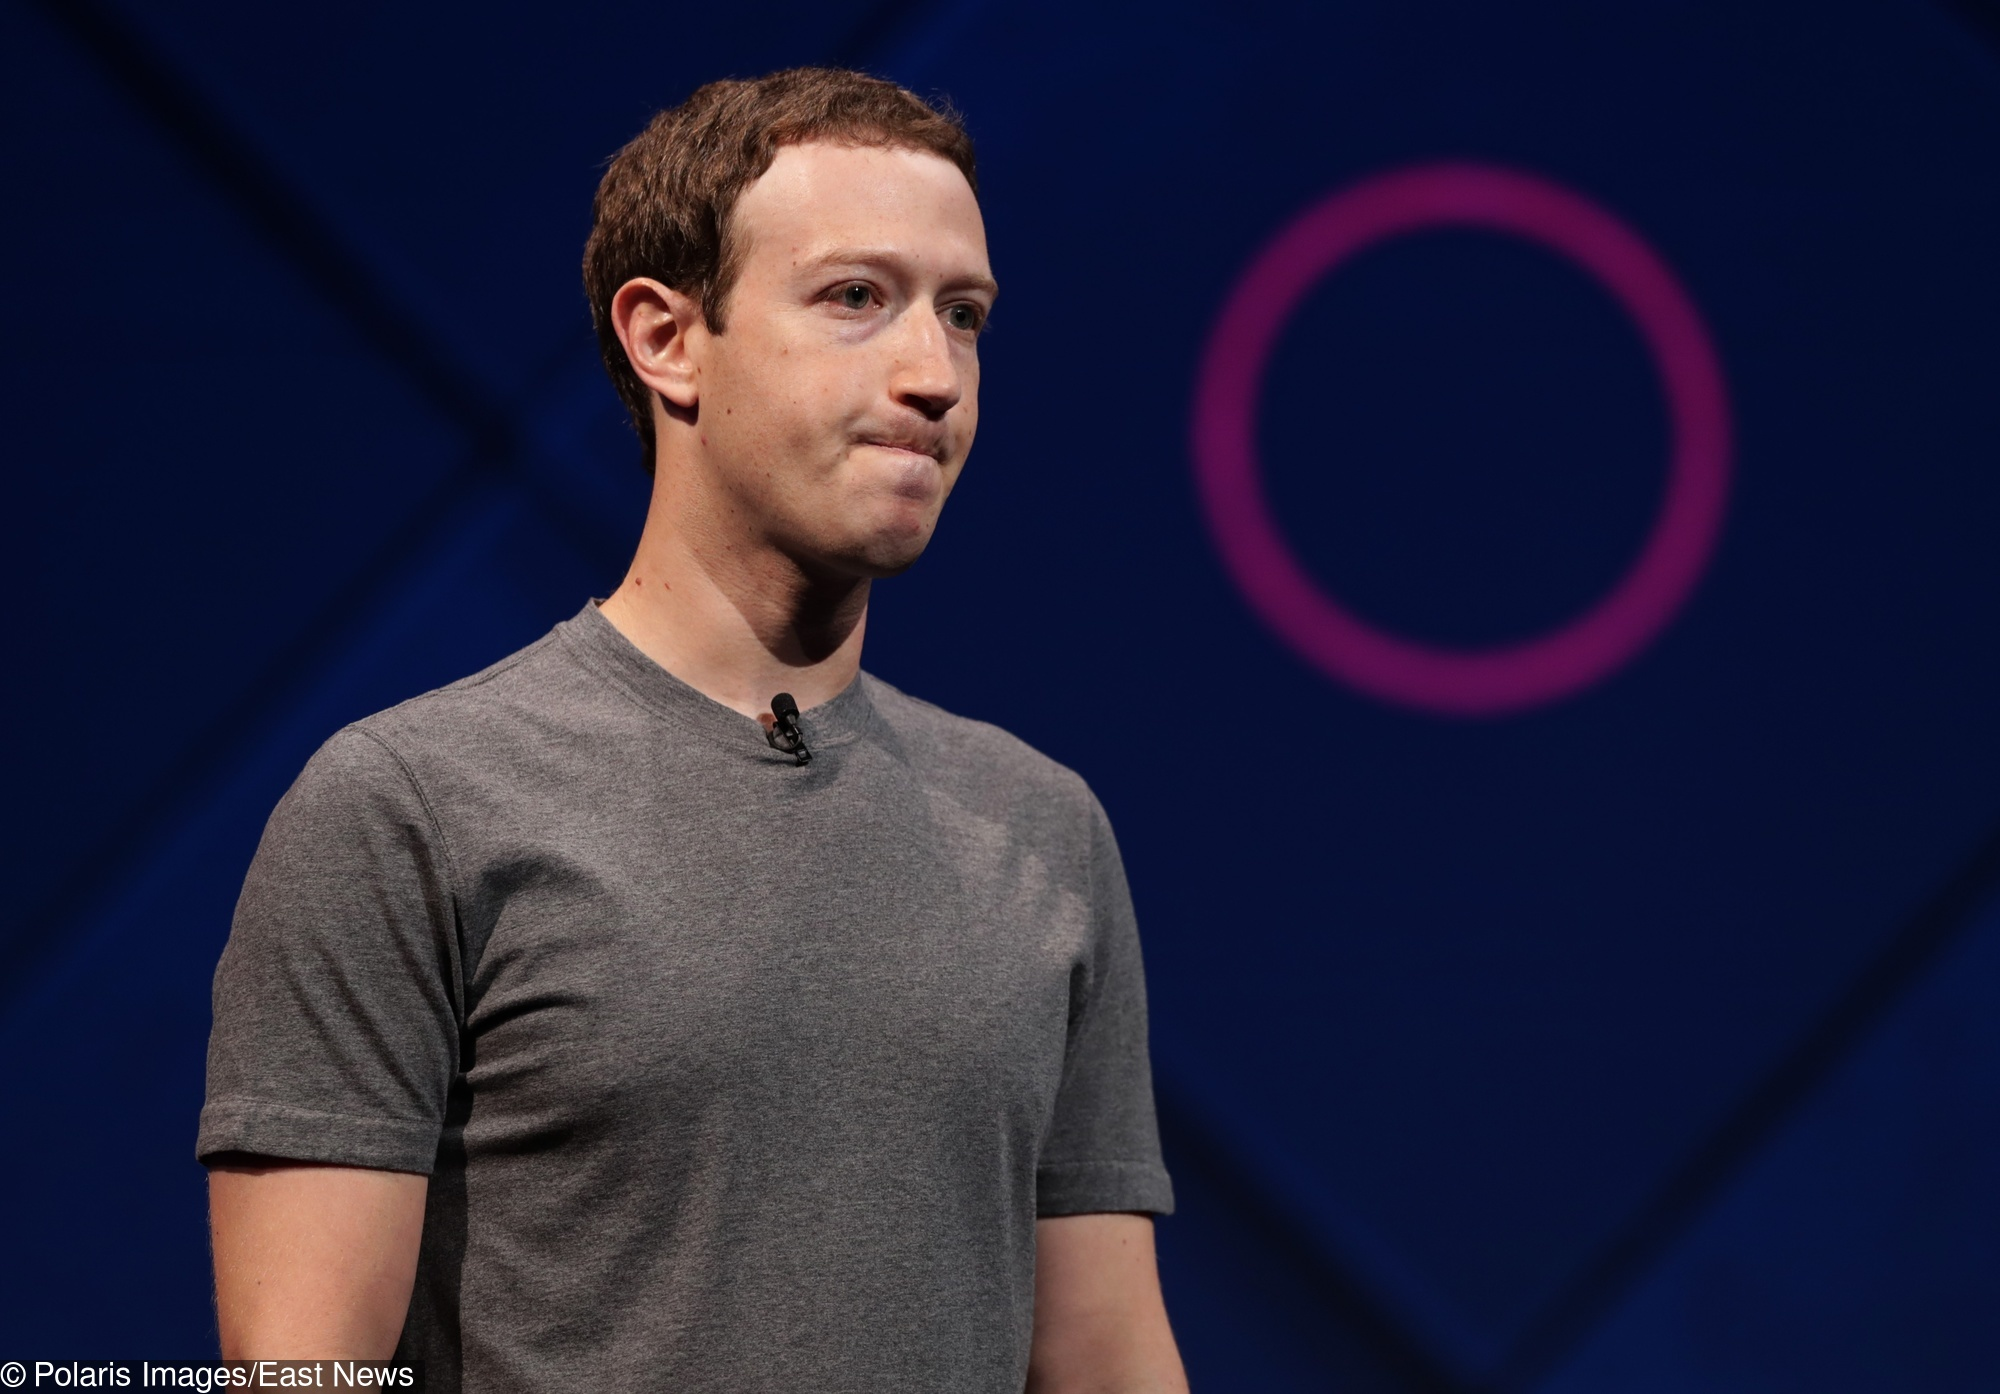 Zamach W Nowej Zelandii Update: Zamach W Nowej Zelandii Szkodzi Zuckerbergowi. Facebook Z